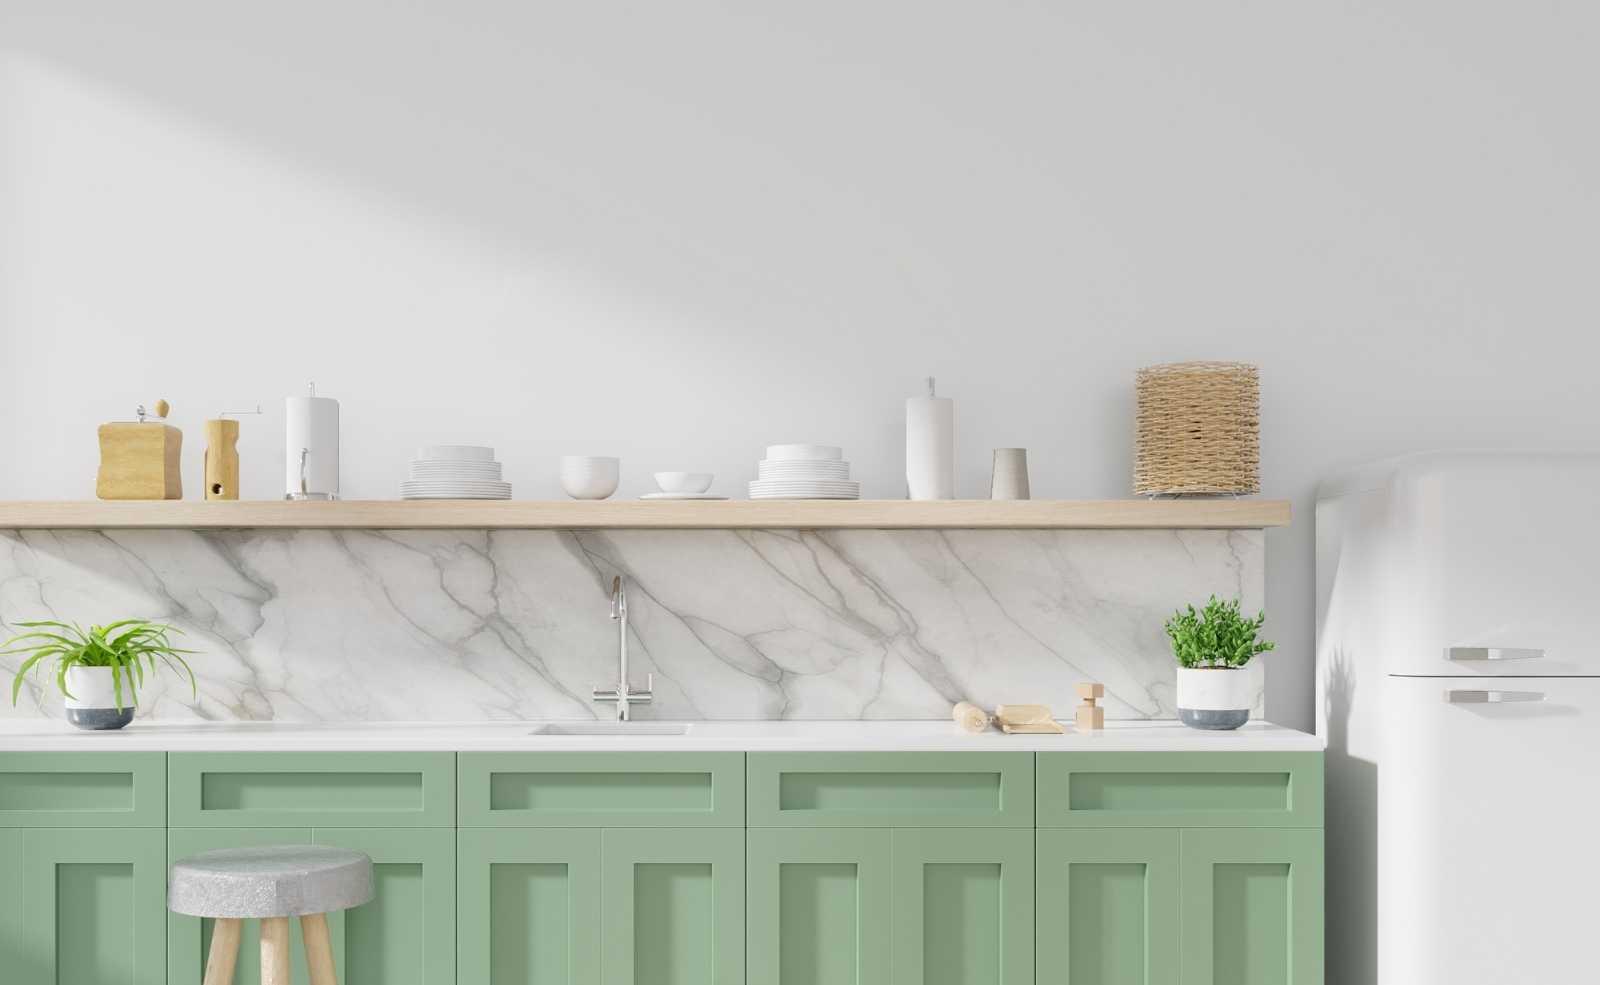 Küchenfronten erneuern: Was kostet eine neue Küchenfront?